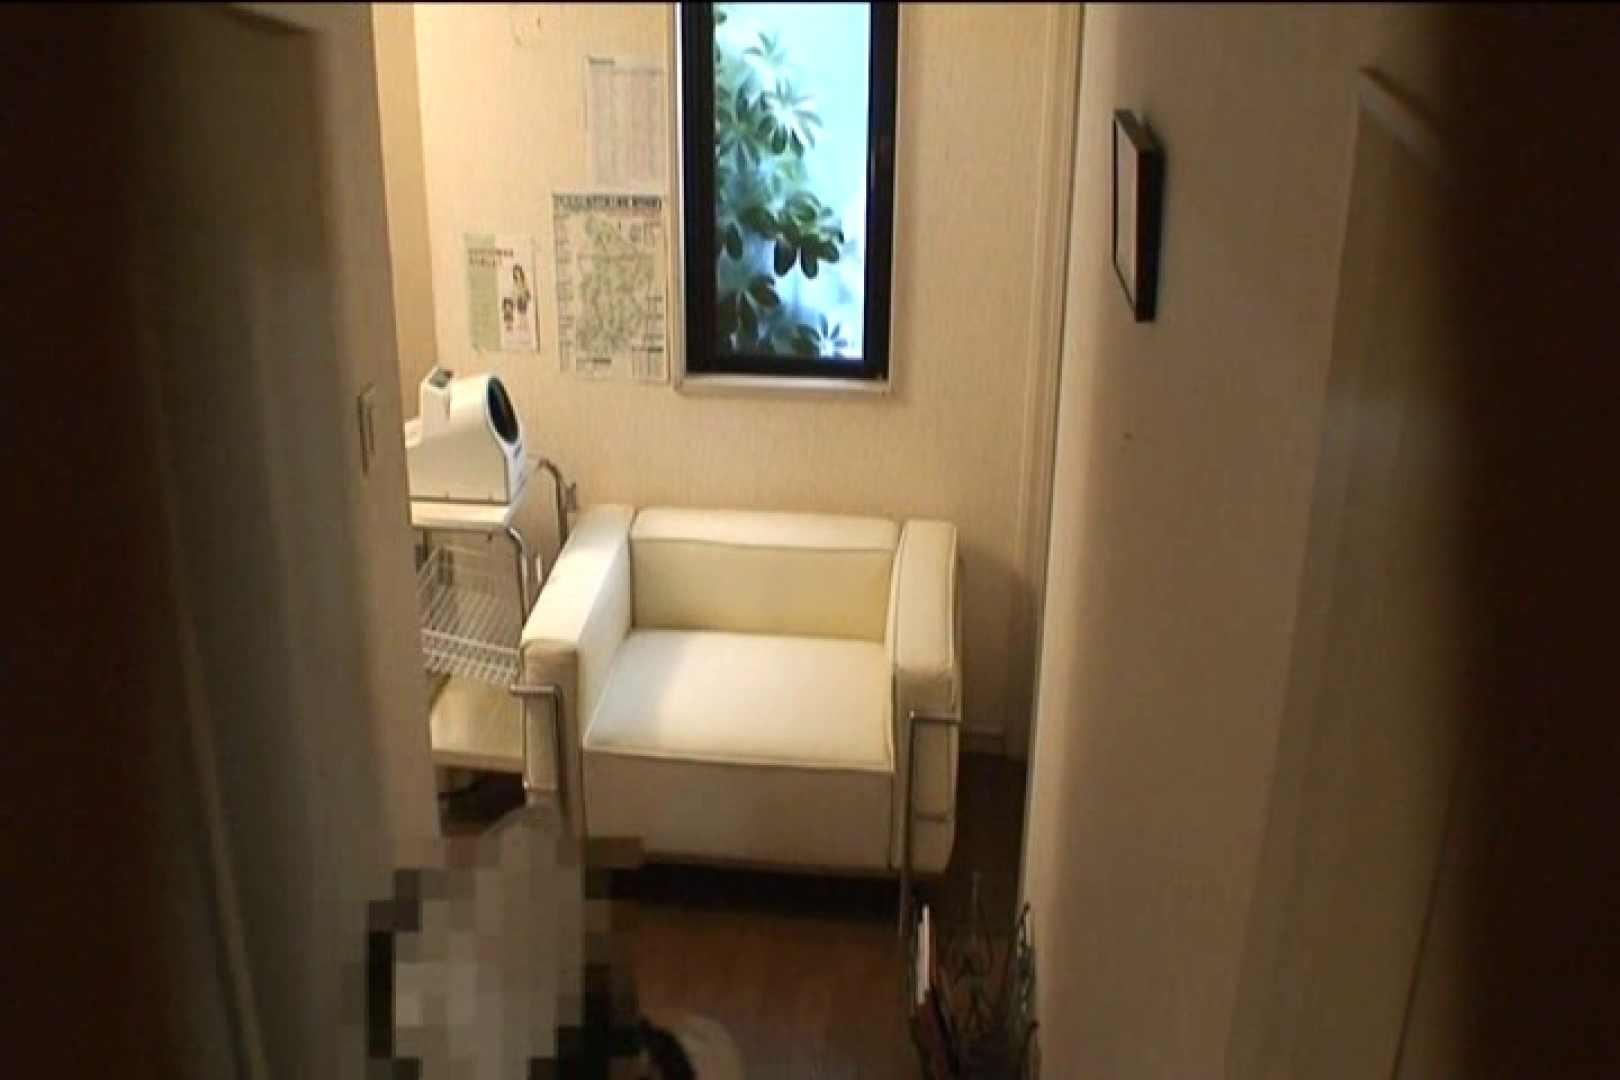 患者のおまんこをコレクションする変態医師の流出映像Vol.1 OLすけべ画像 濡れ場動画紹介 95連発 2